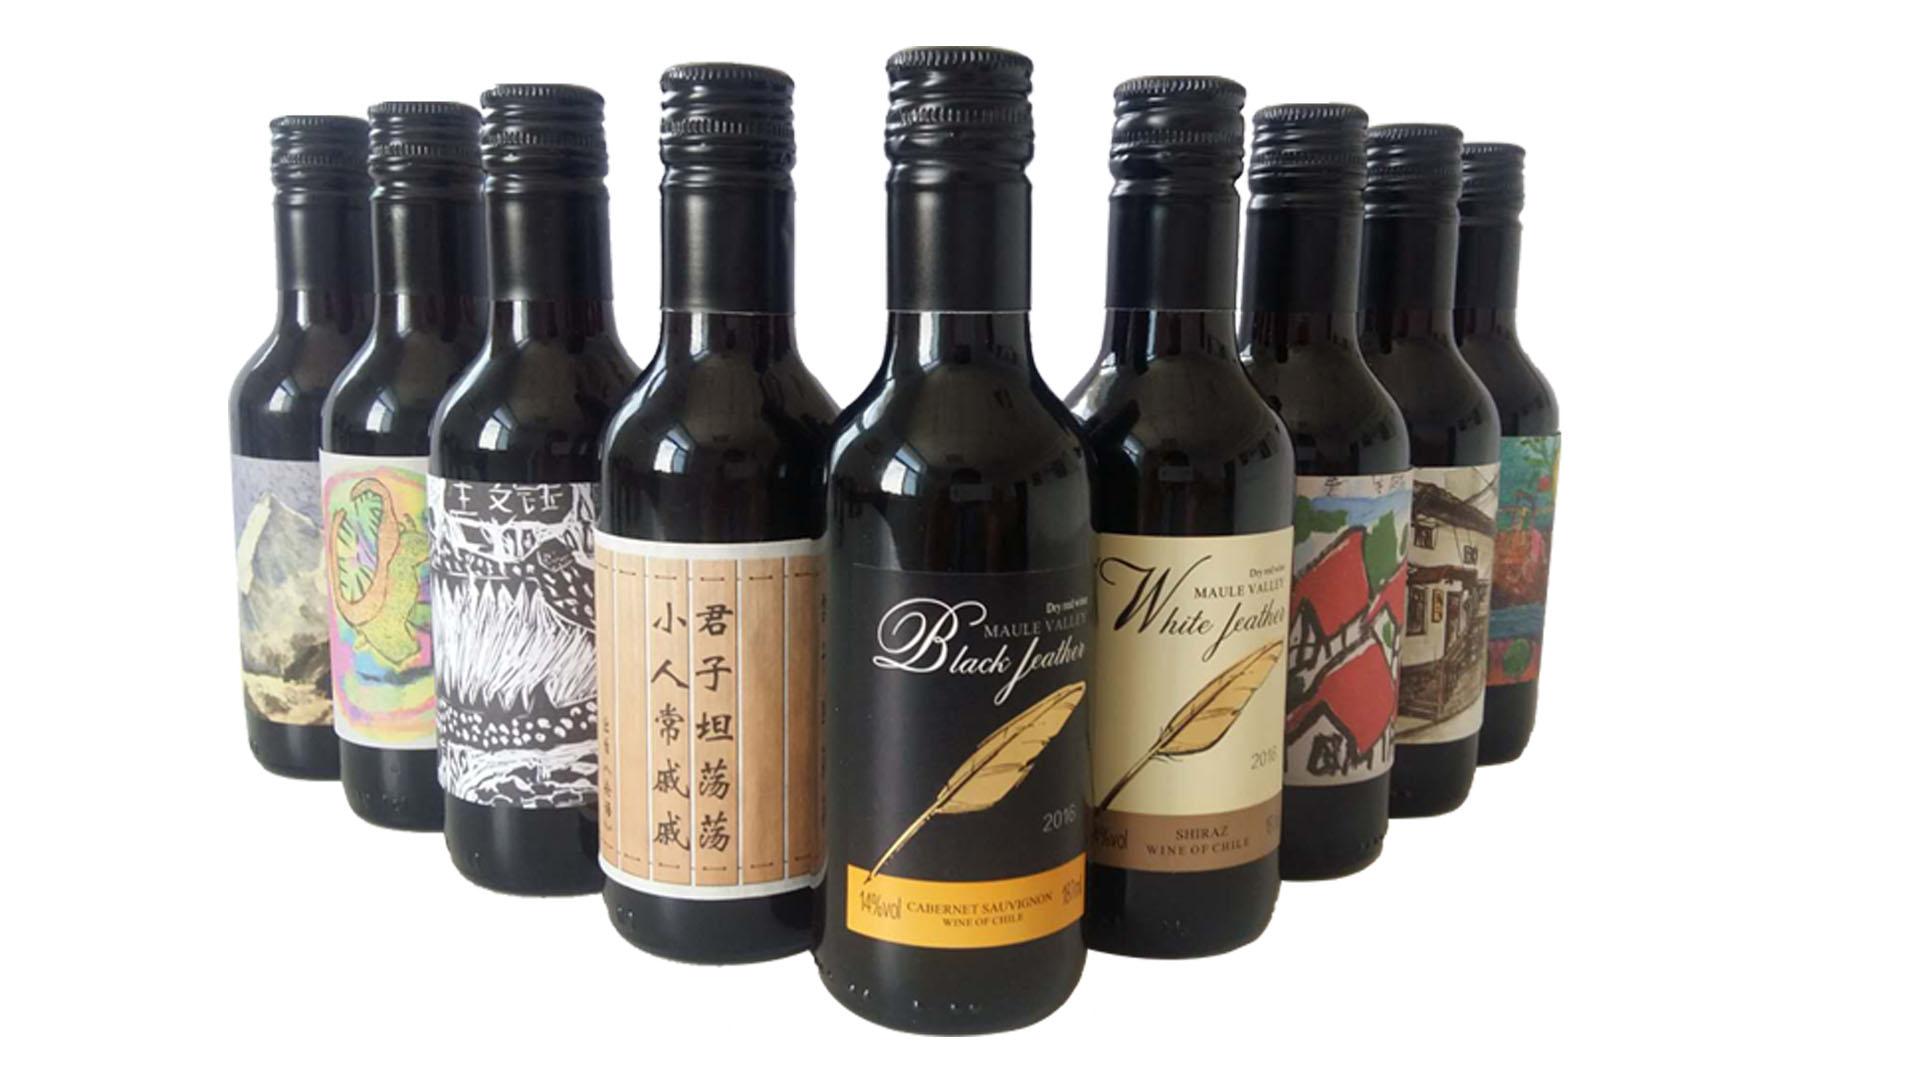 小瓶酒创业招商小瓶葡萄酒个性定制小瓶酒招商